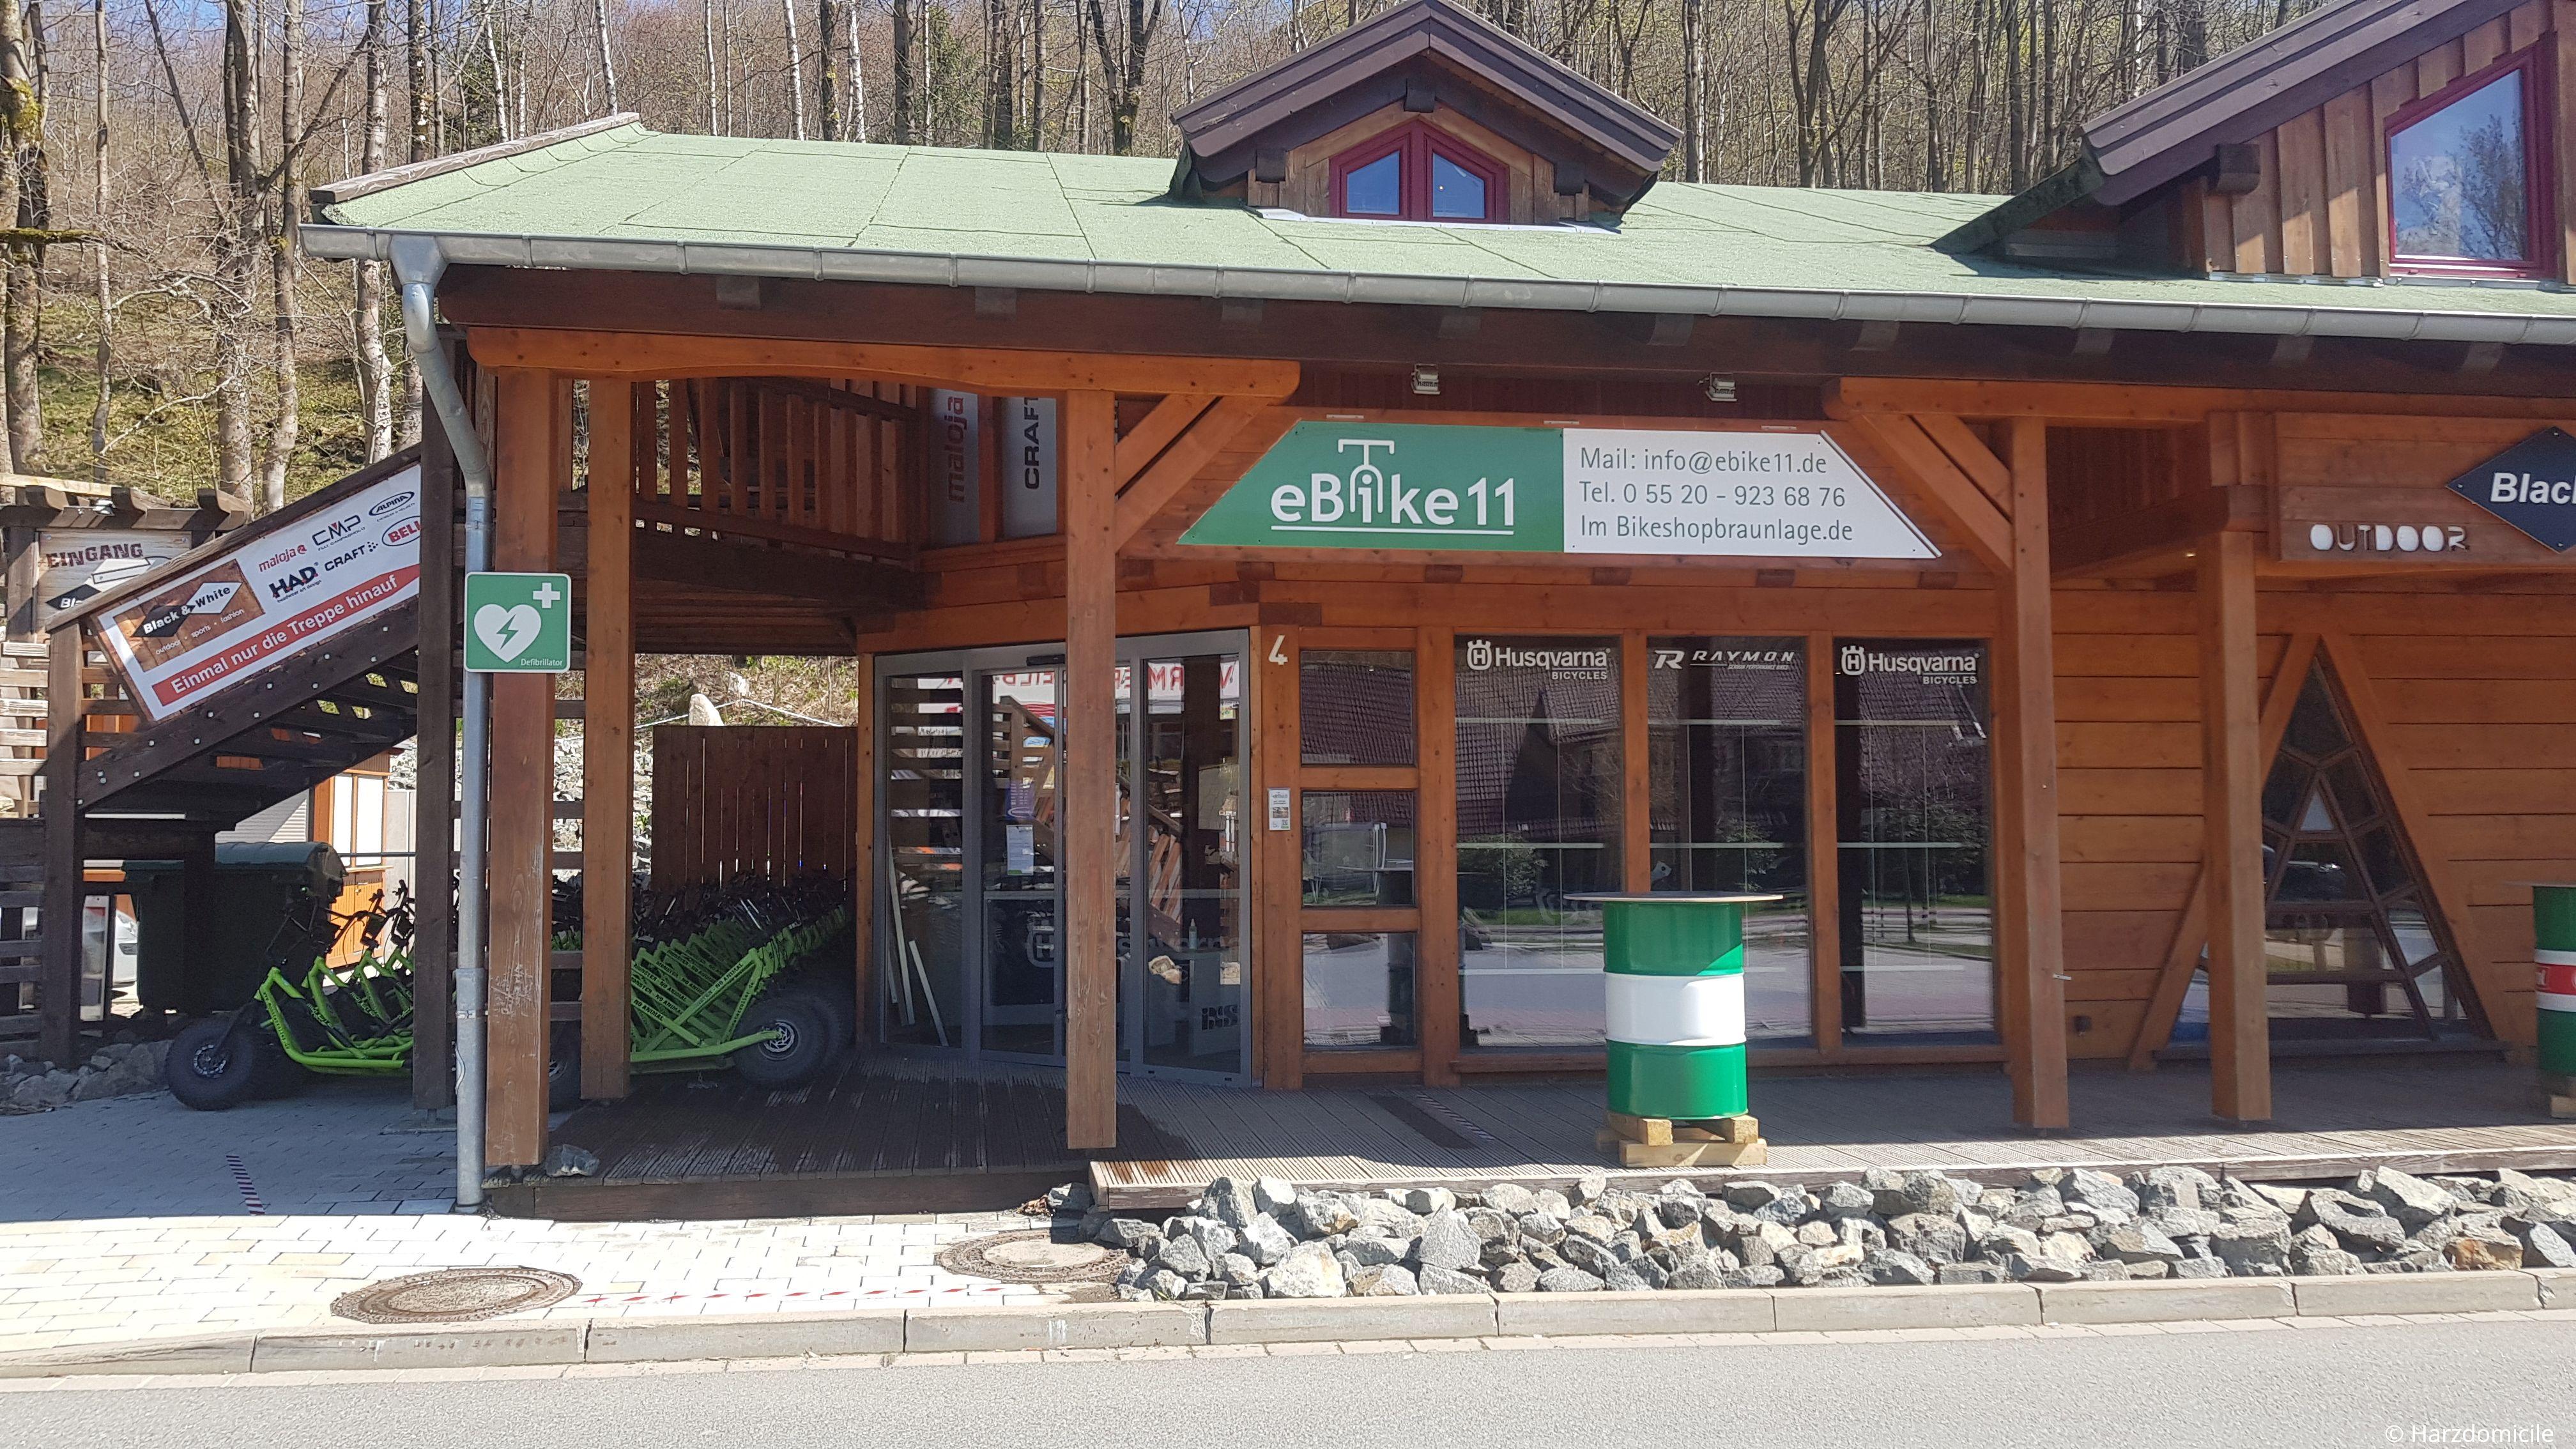 """Außenaufnahme des Fahrradverleihs """"eBike 11"""" in Braunlage Am Amtsweg 4 direkt an der Talstation der Wurmbergseilbahn"""